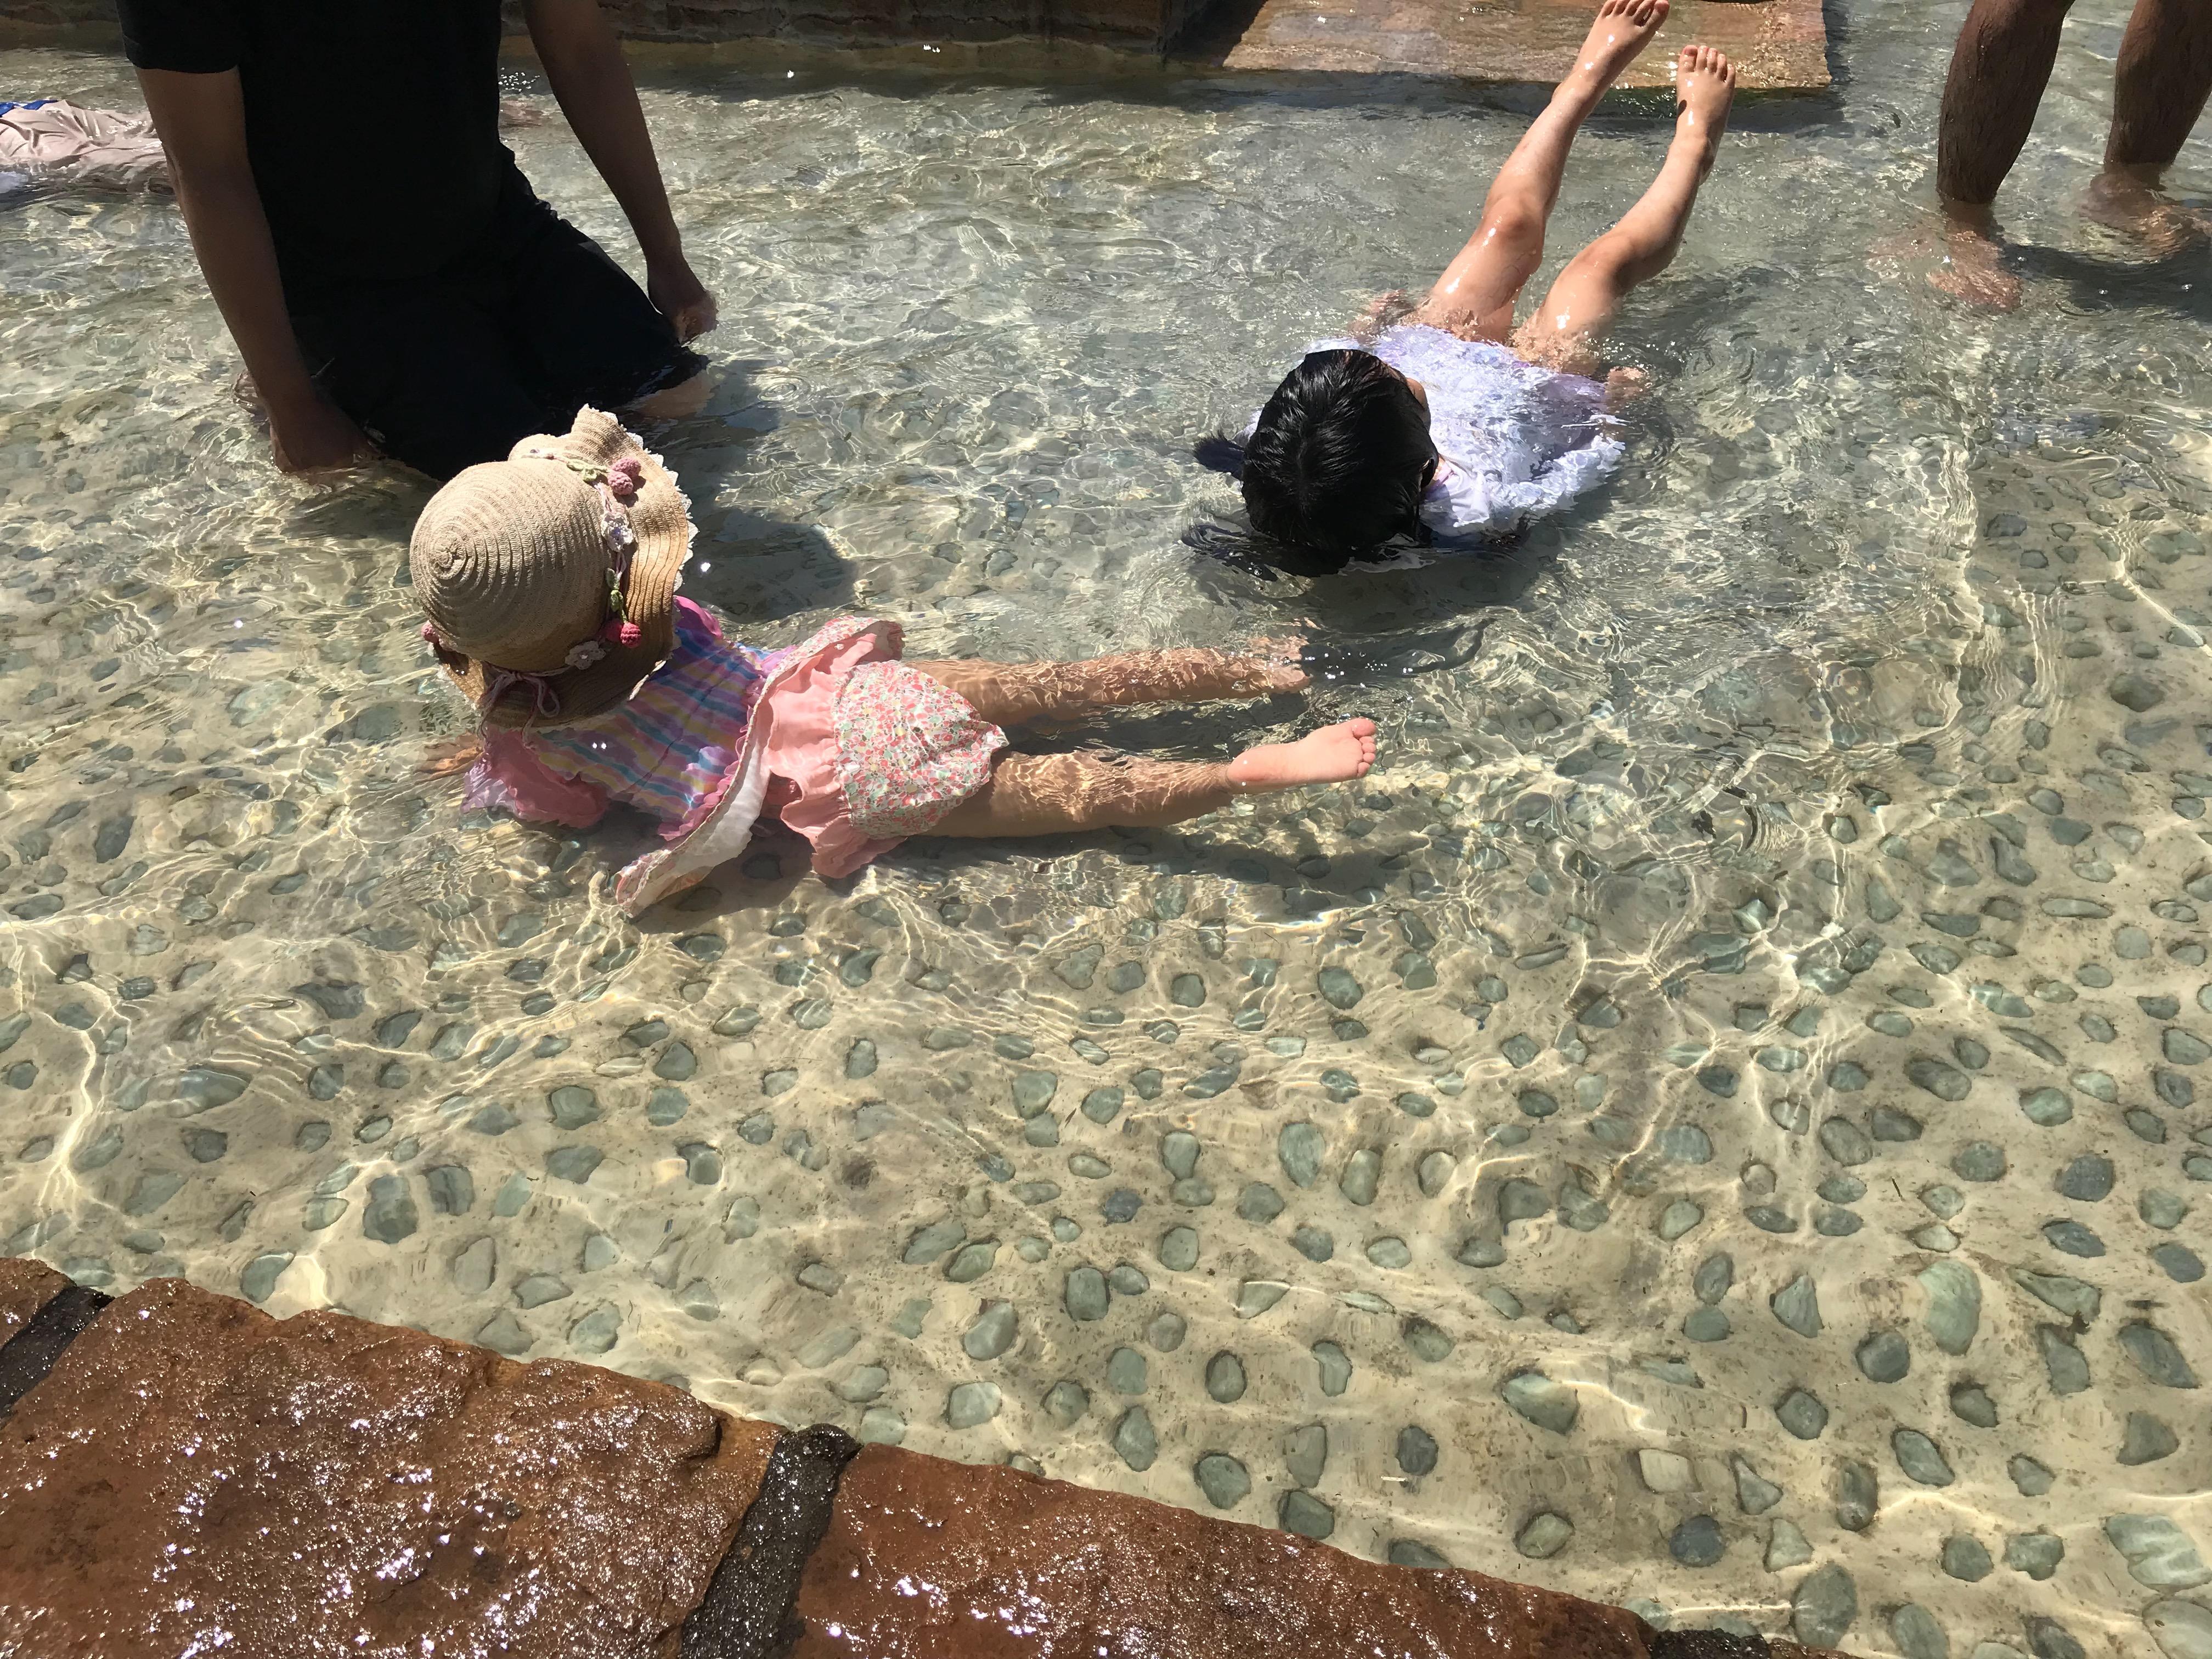 ソレイユの丘のじゃぶじゃぶ池で水遊び!体験して分かった事と注意点